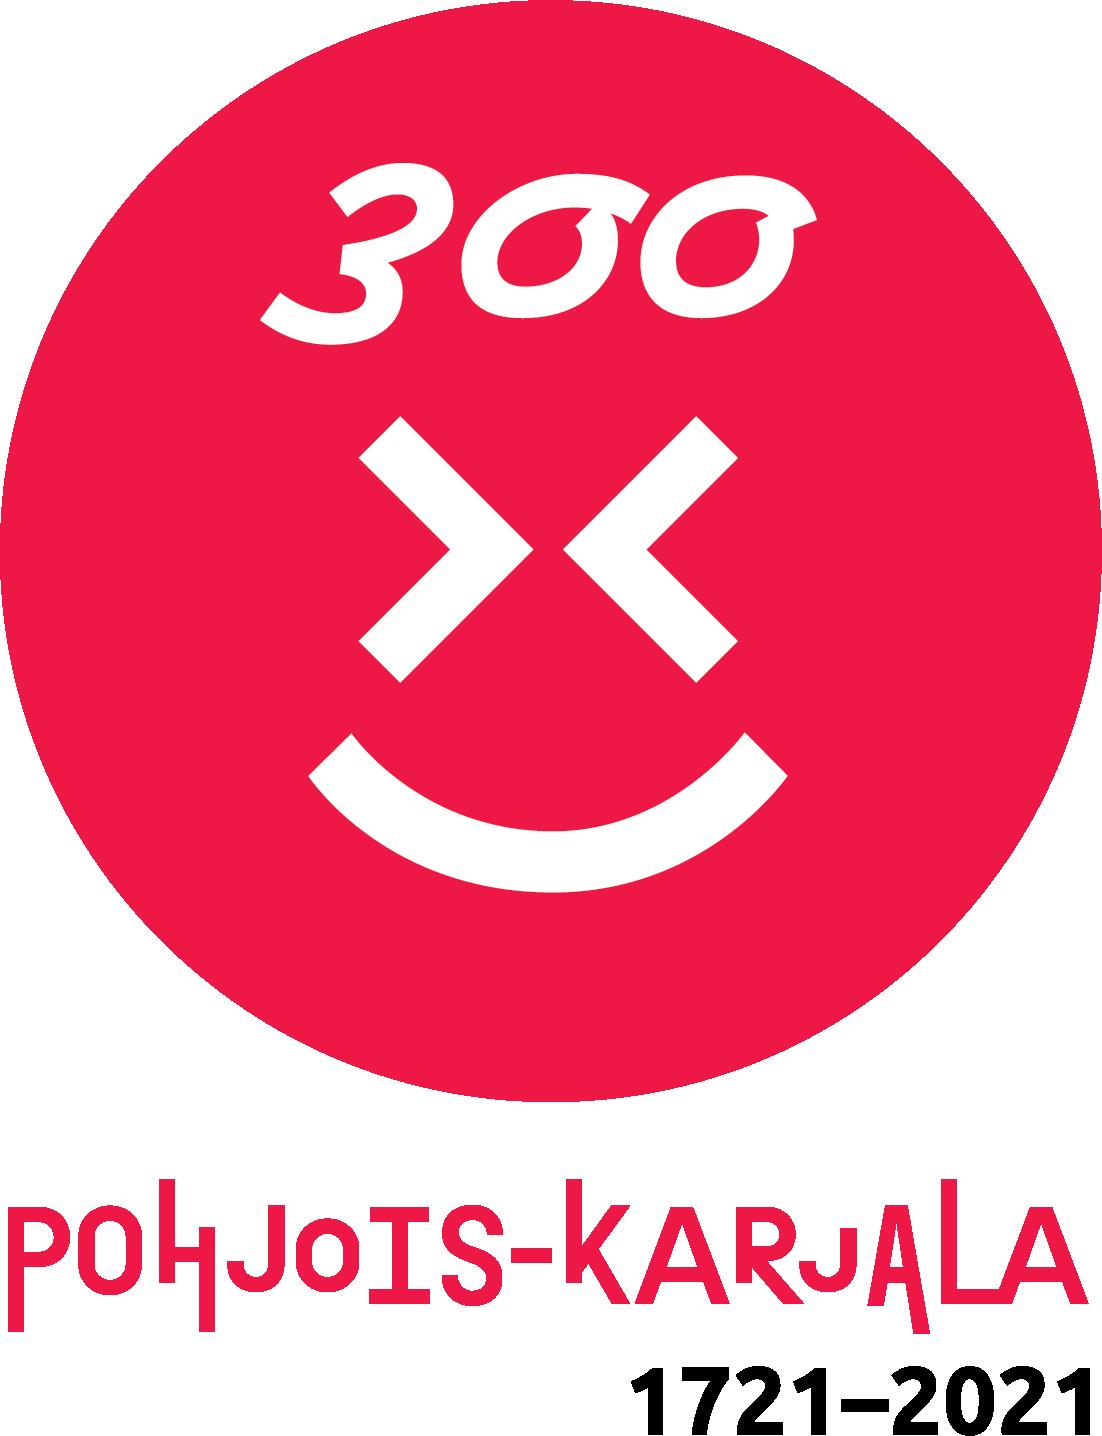 Pohjois-Karjala 300 -tunnus